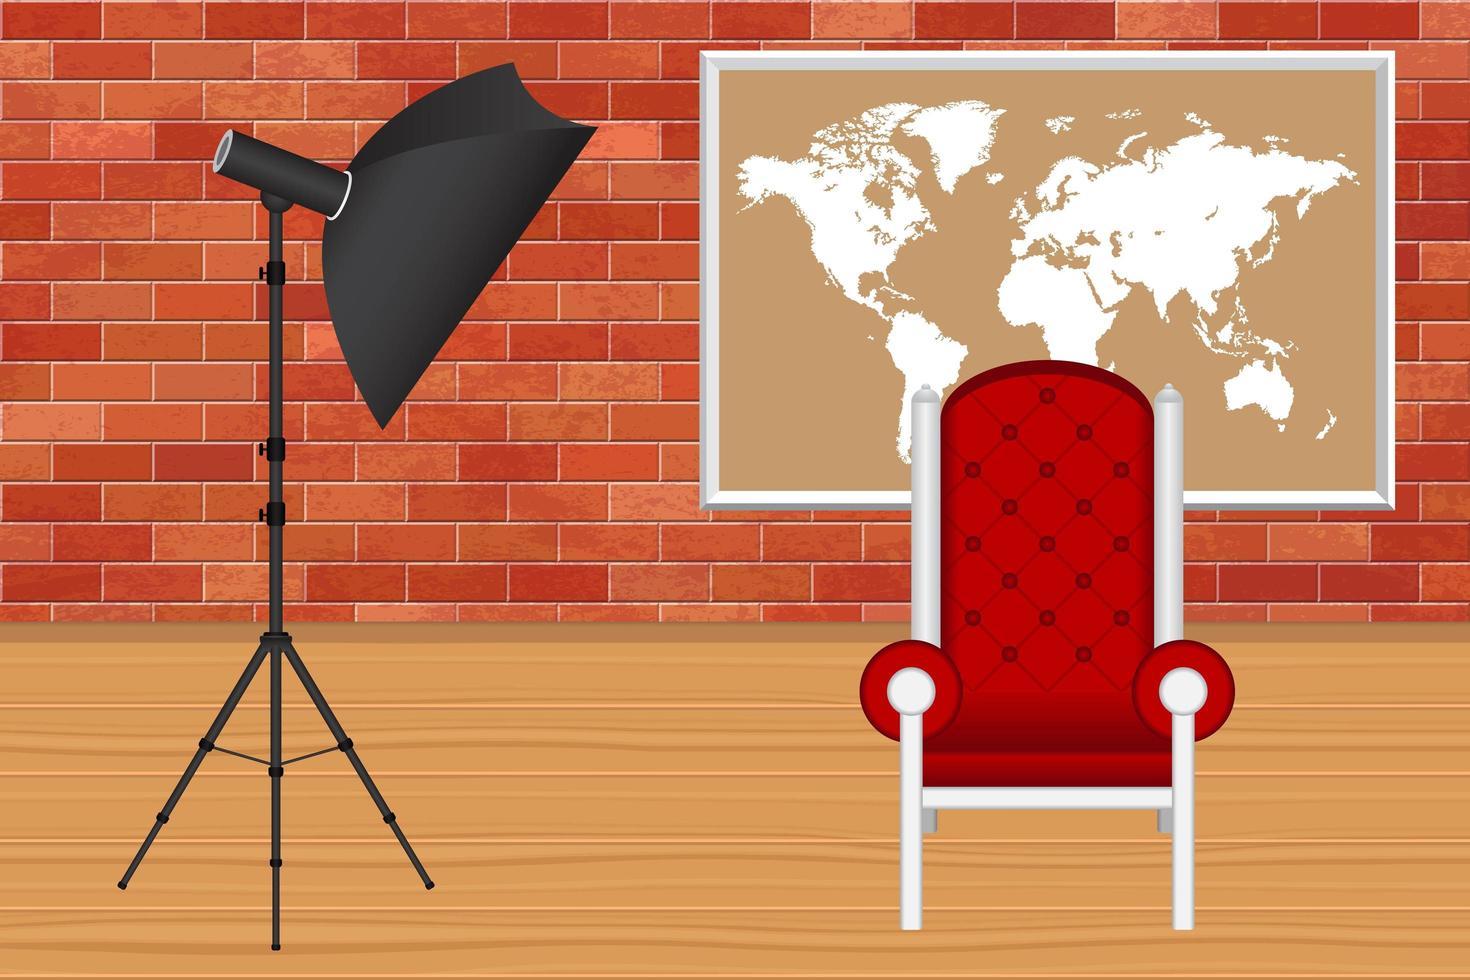 estudio fotográfico con sombrilla de fotografía y silla roja vector